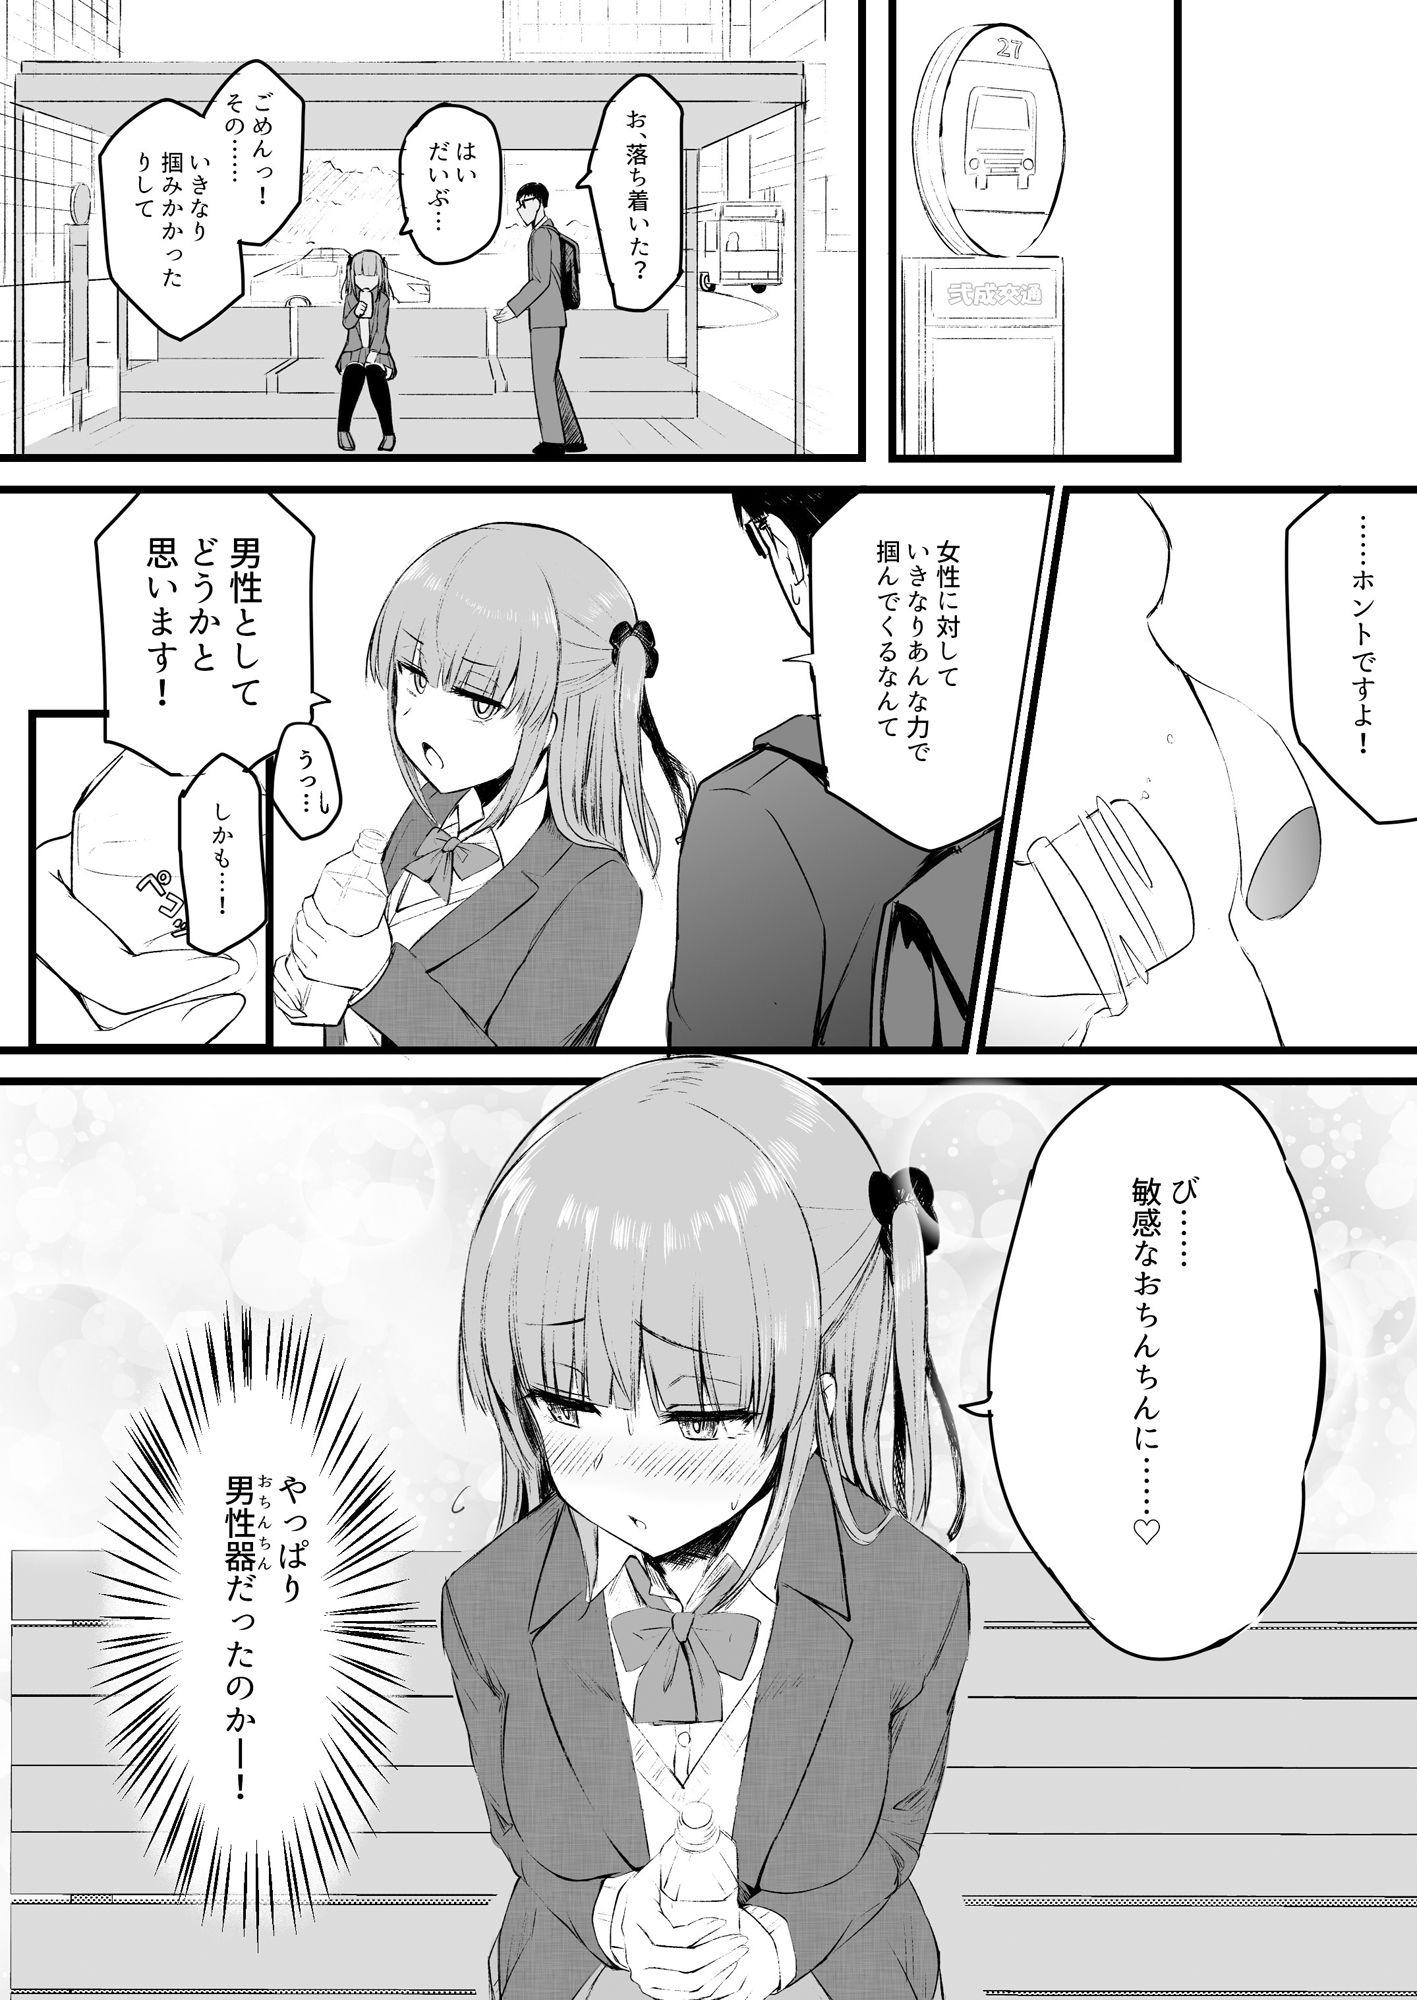 ふたなり_エロ漫画同人誌|本作品のサンプル画像